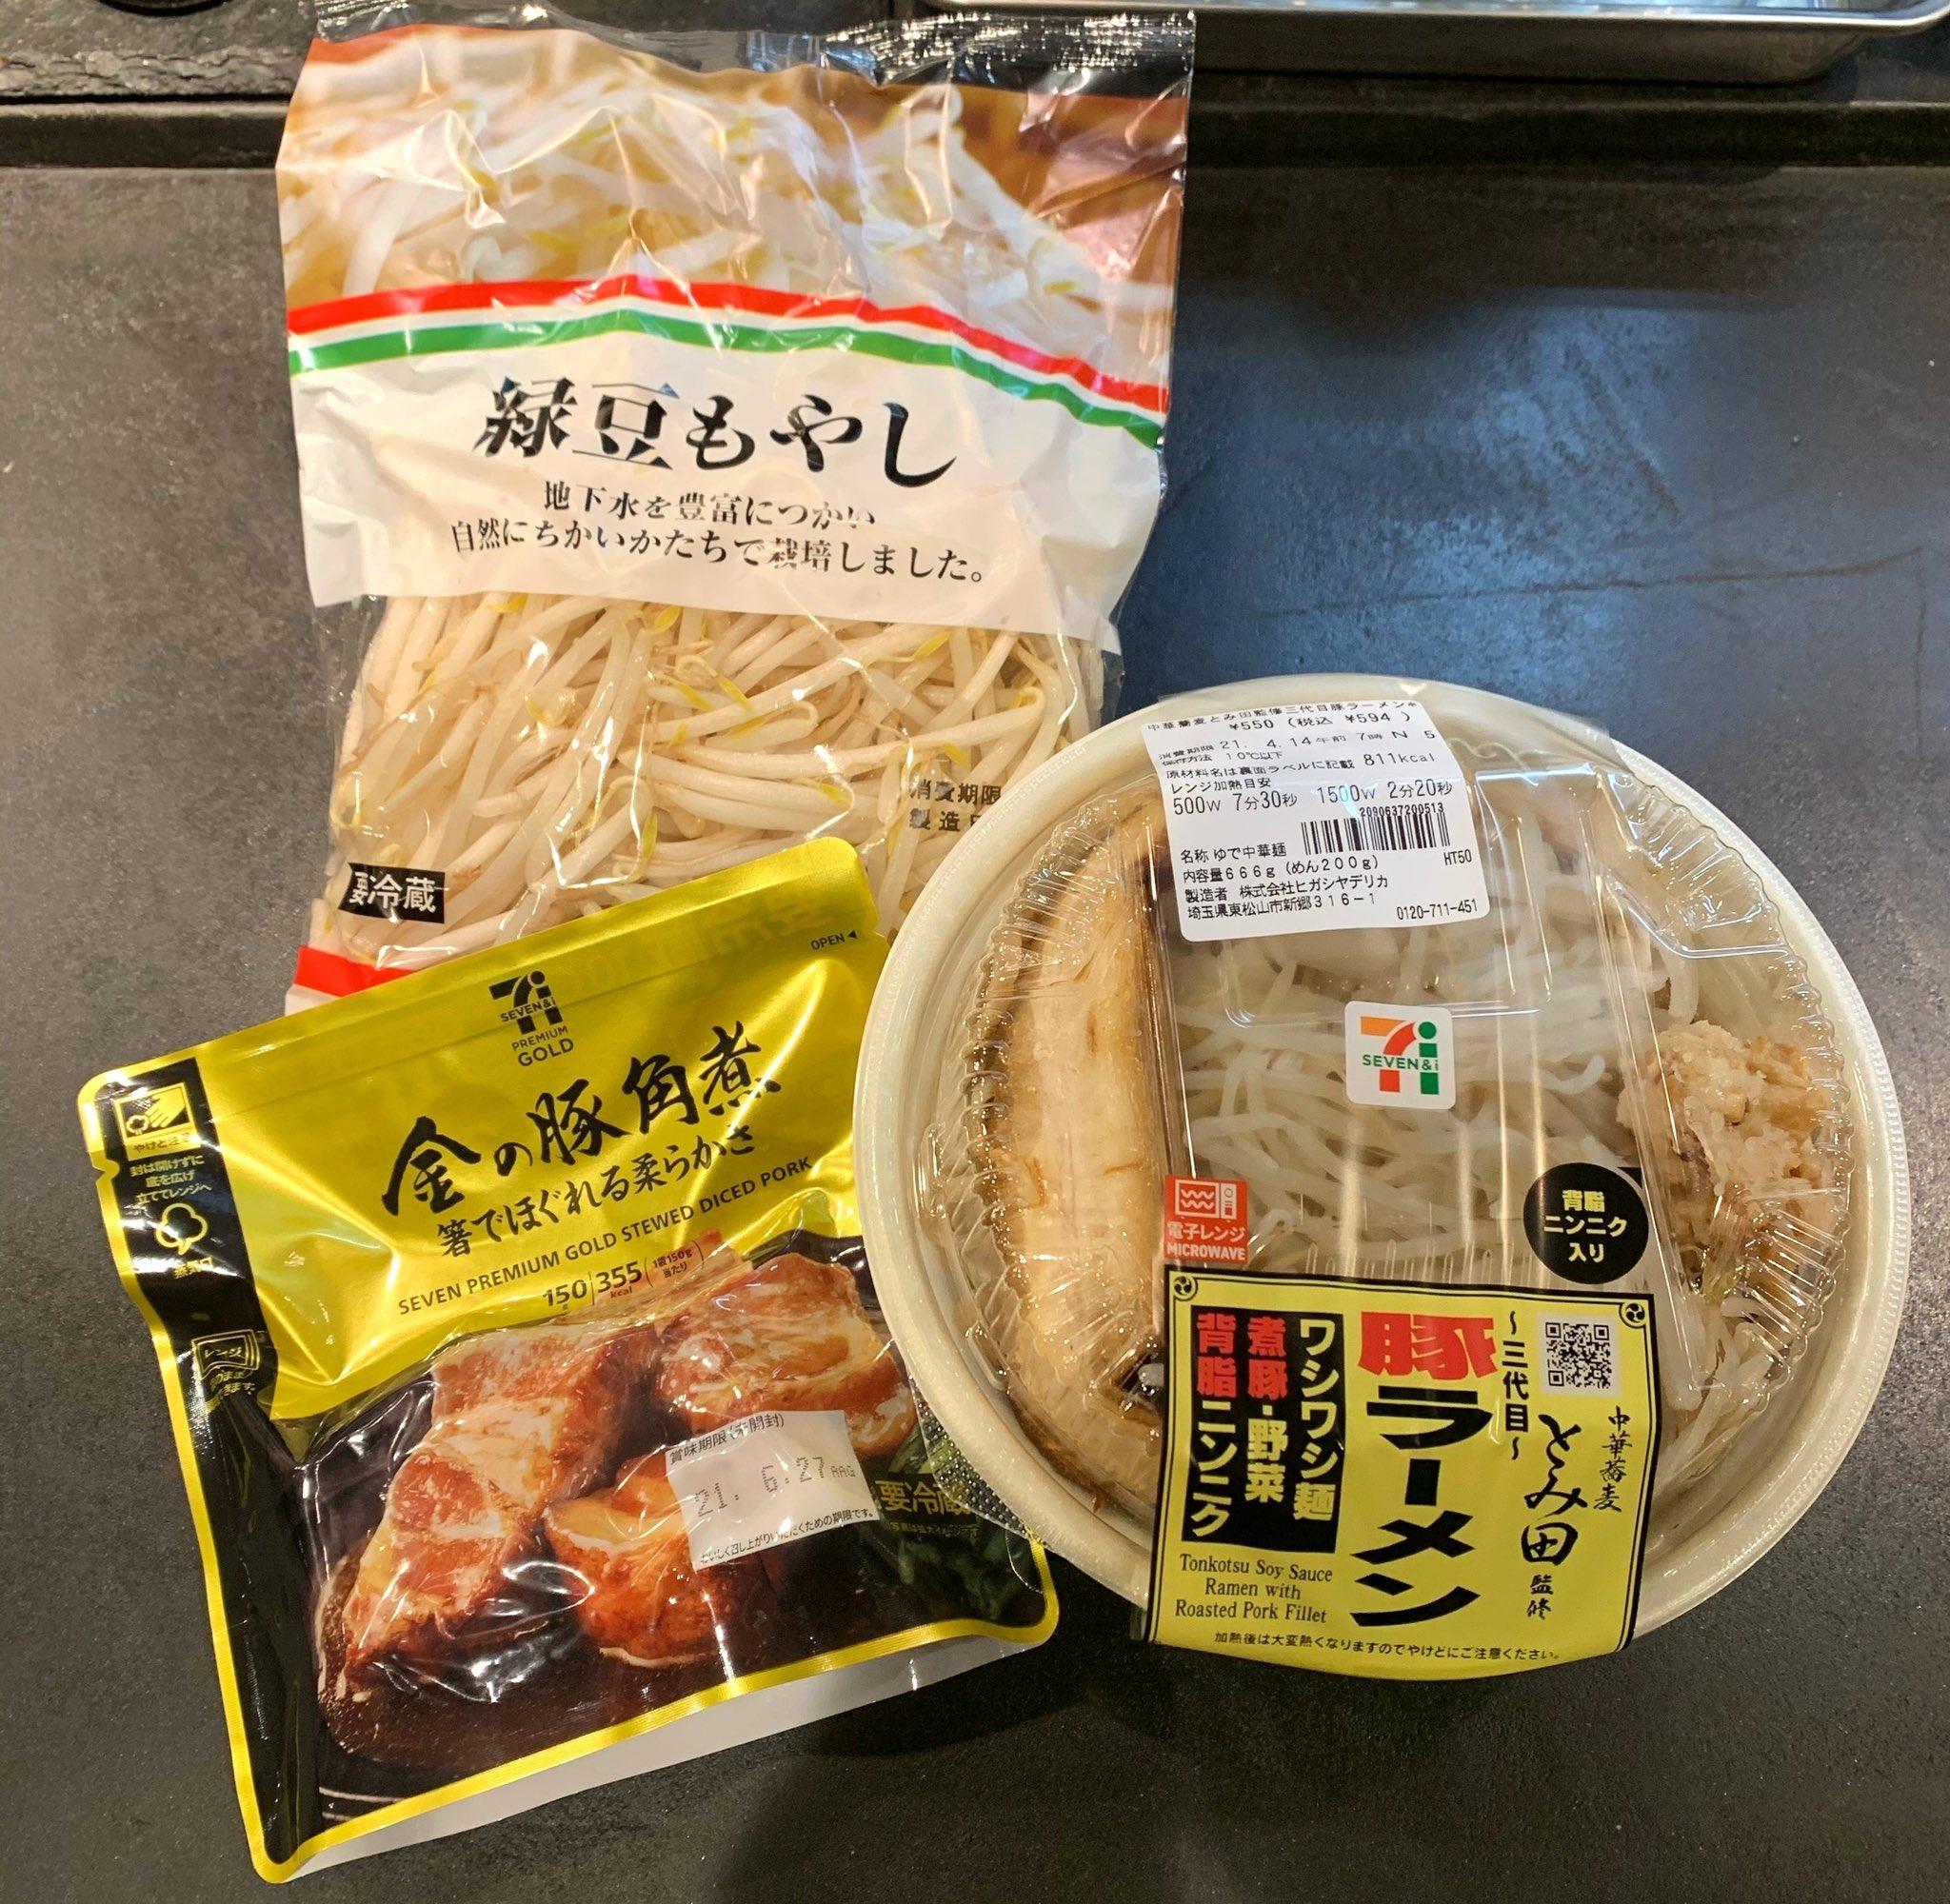 【画像】担々麺屋「セブンで1000円使うだけで超贅沢なラーメンが食えちゃうんだゾ!」←7万イイネwwww